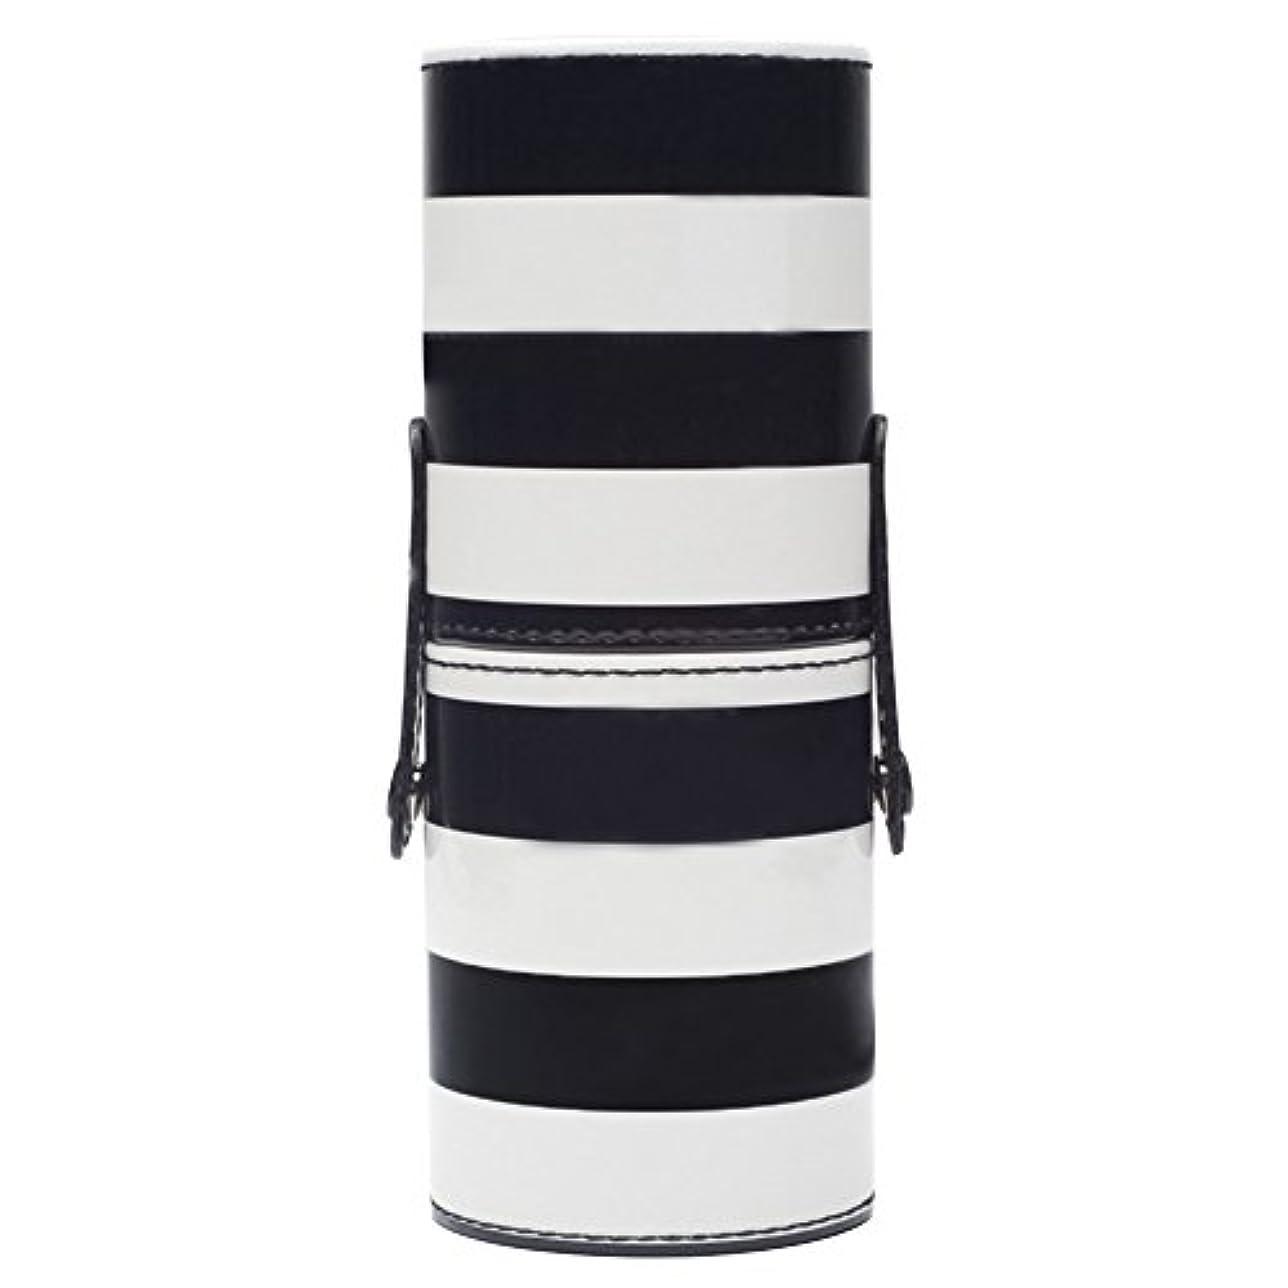 圧力かき混ぜる多様性ゴシレ Gosear 18 x 7cm レディース メイク ブラシ ケース 円筒型 専用収納 ケース 文房具バレル 収納桶 収納筒 PUレザー ケース 黑白ストライプ